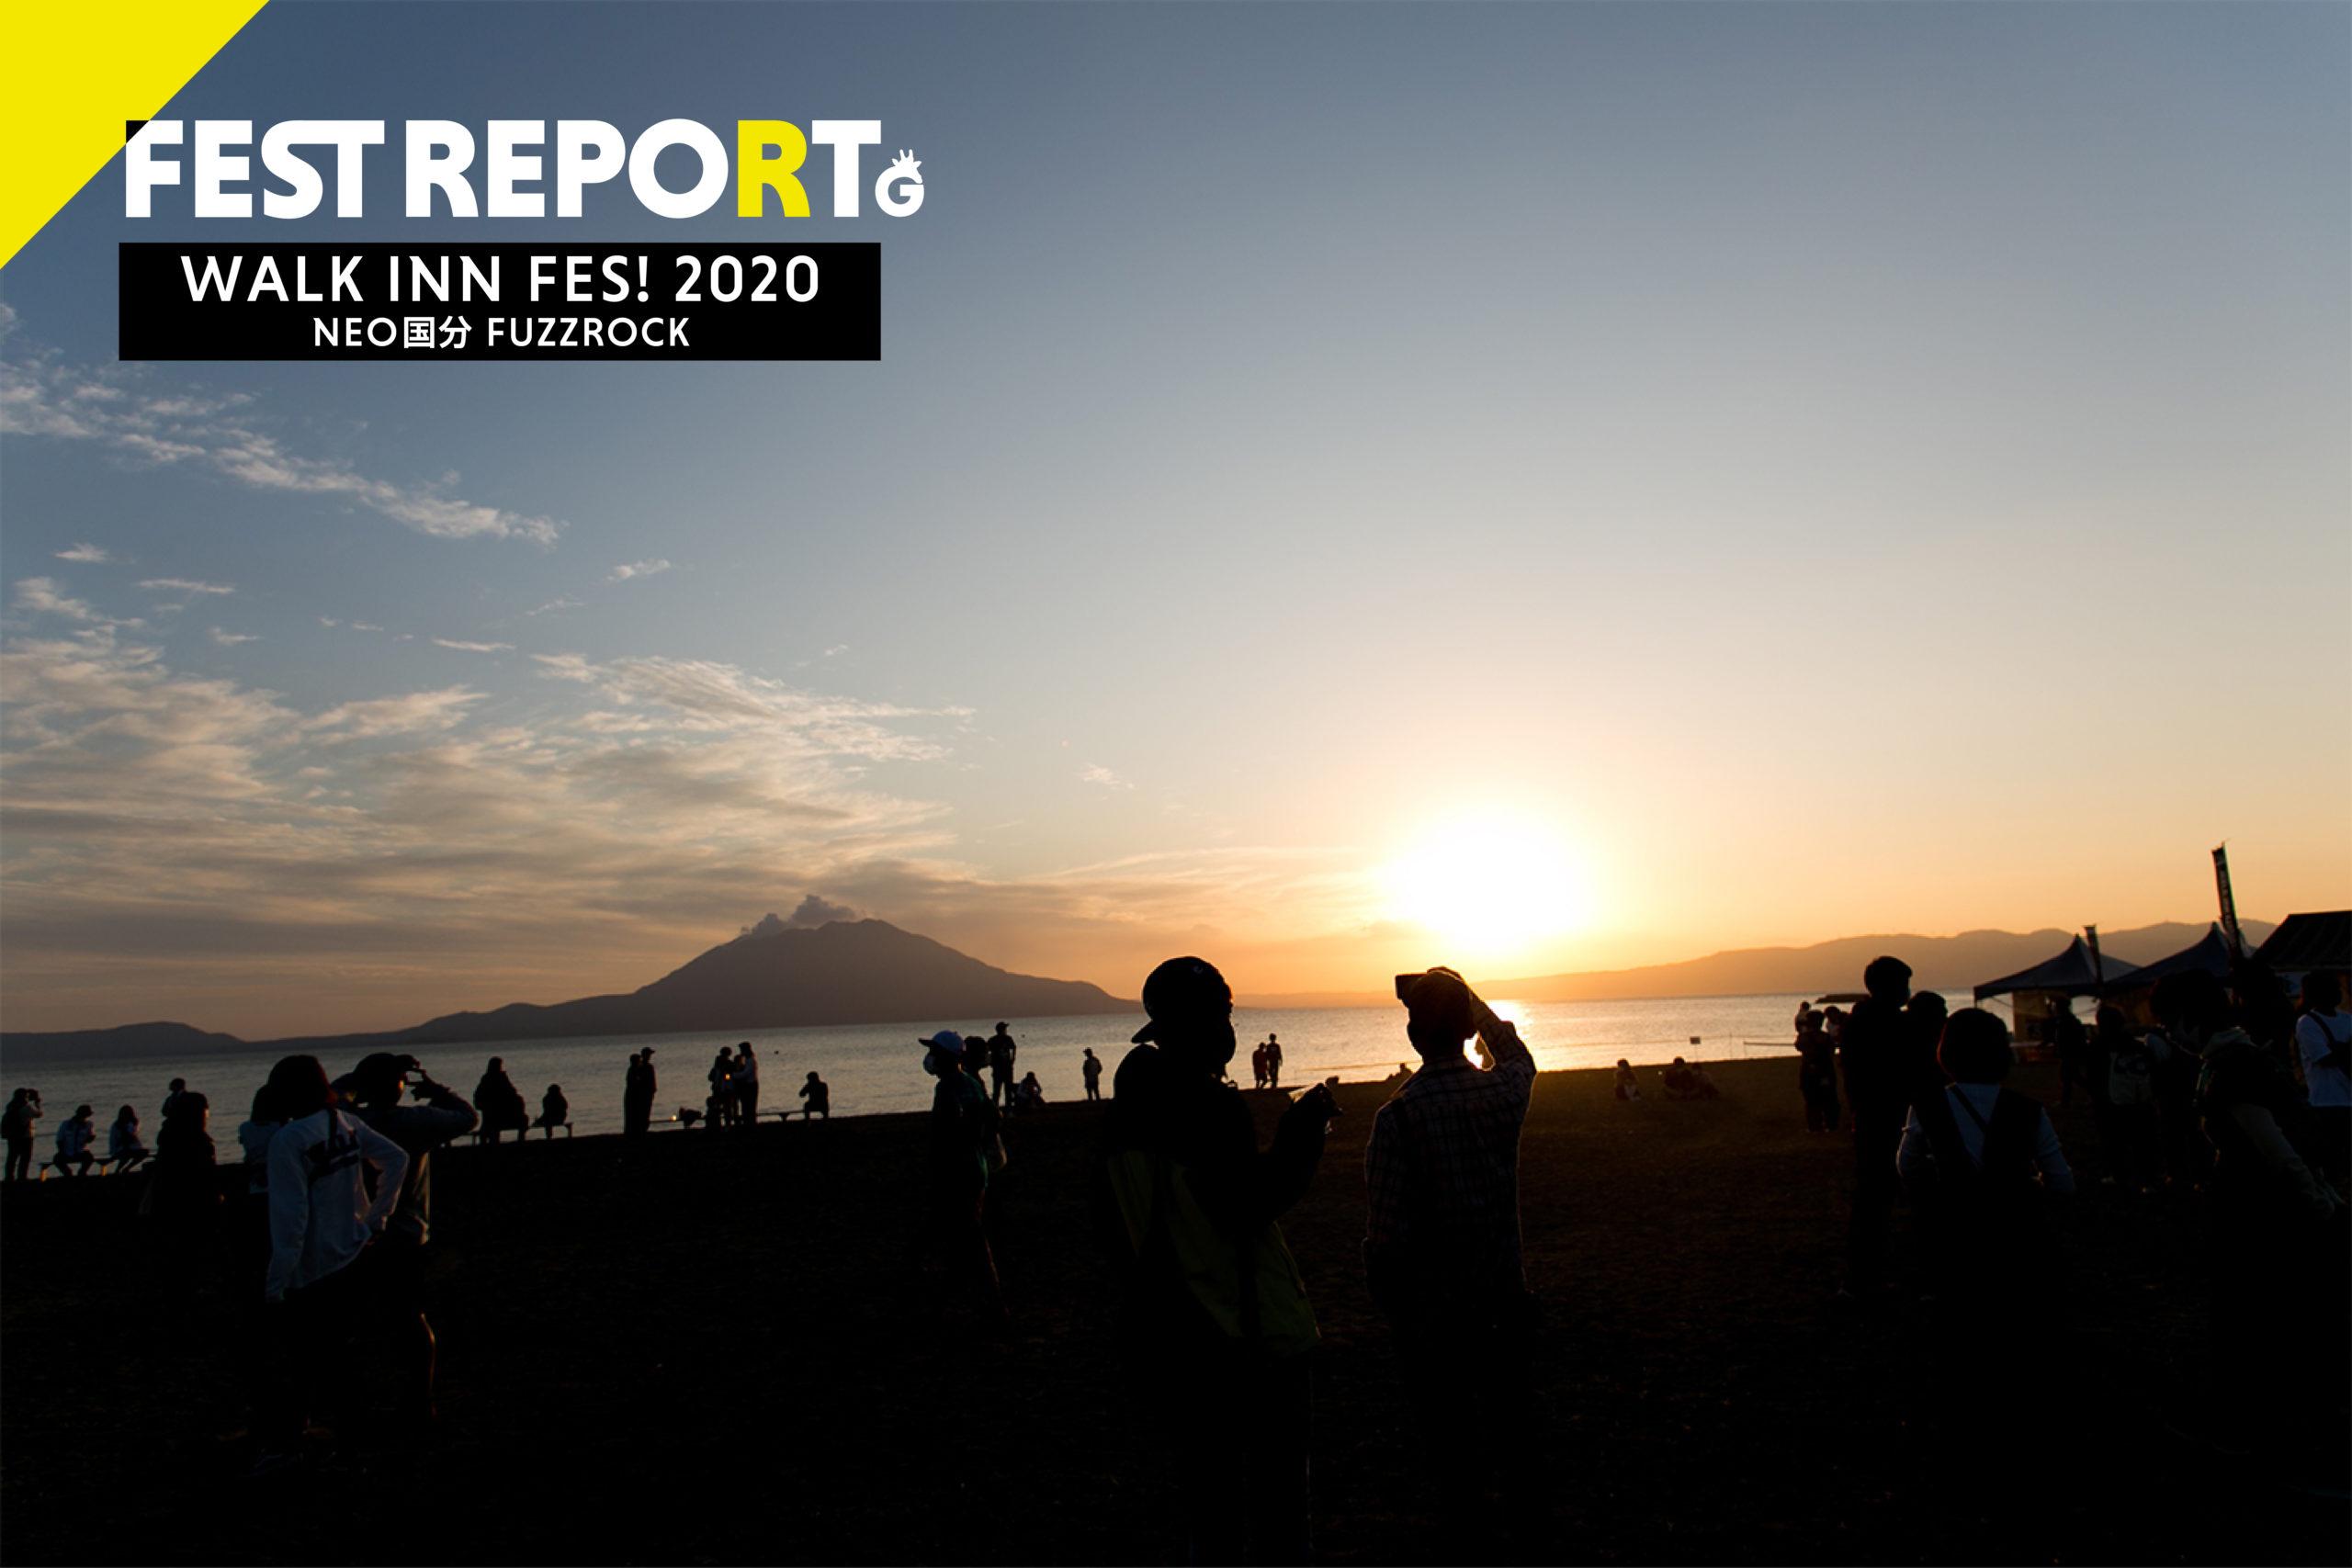 鹿児島の野外フェスをレポート! WALK INN FES! 2020 NEO国分 FUZZROCK